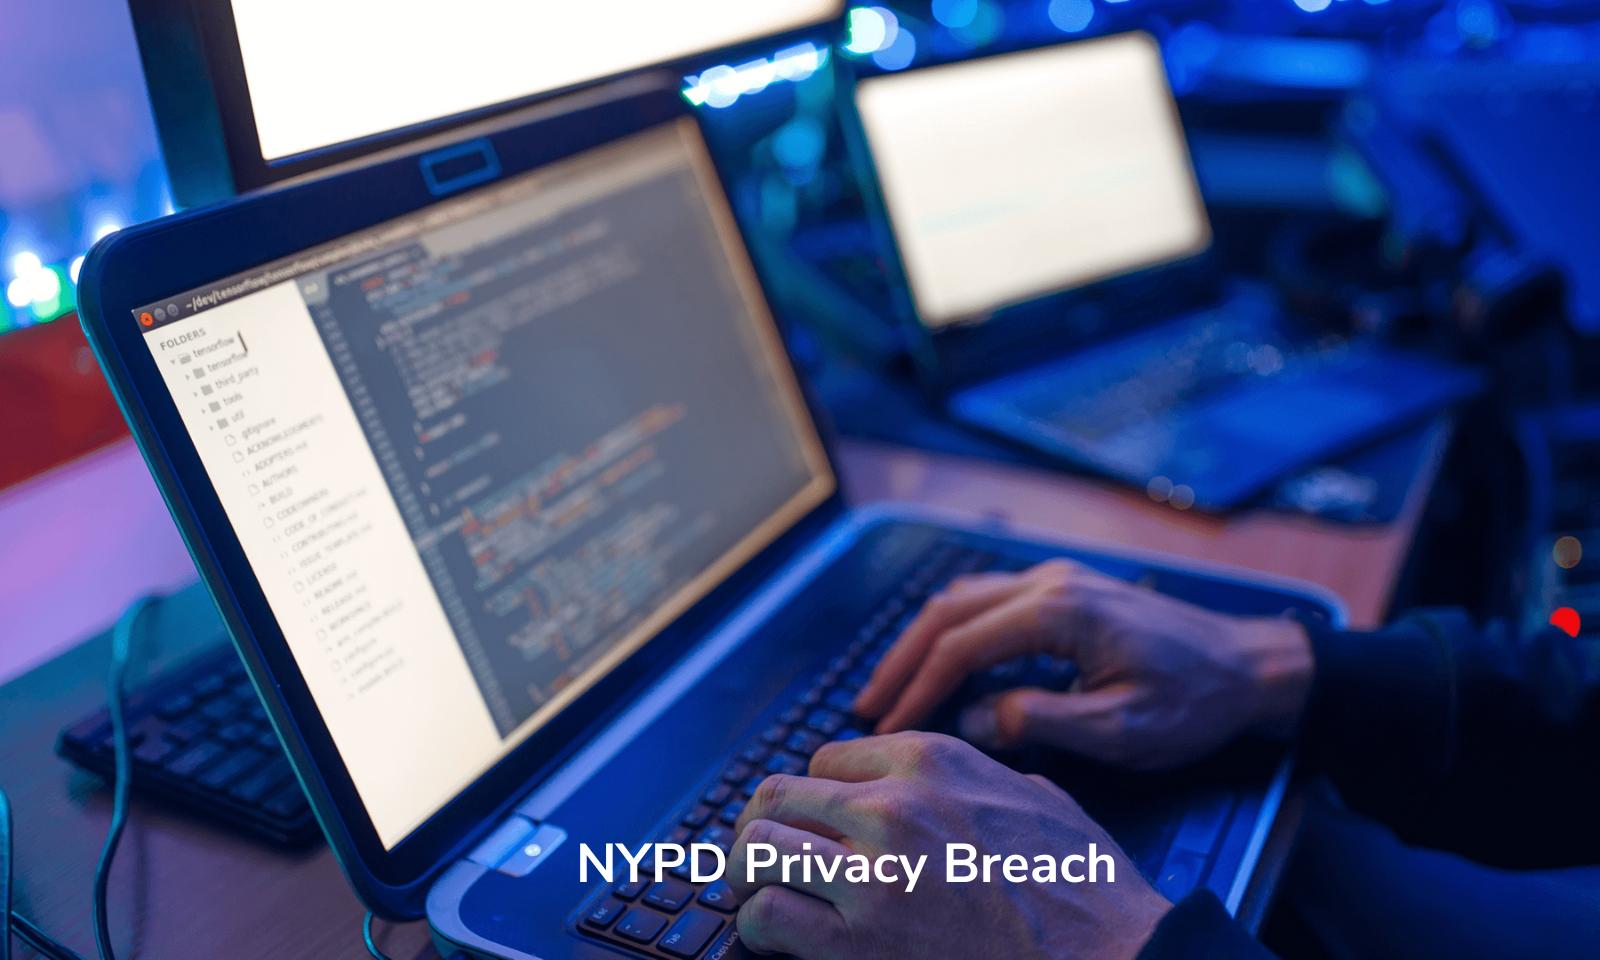 Violação de privacidade da NYPD